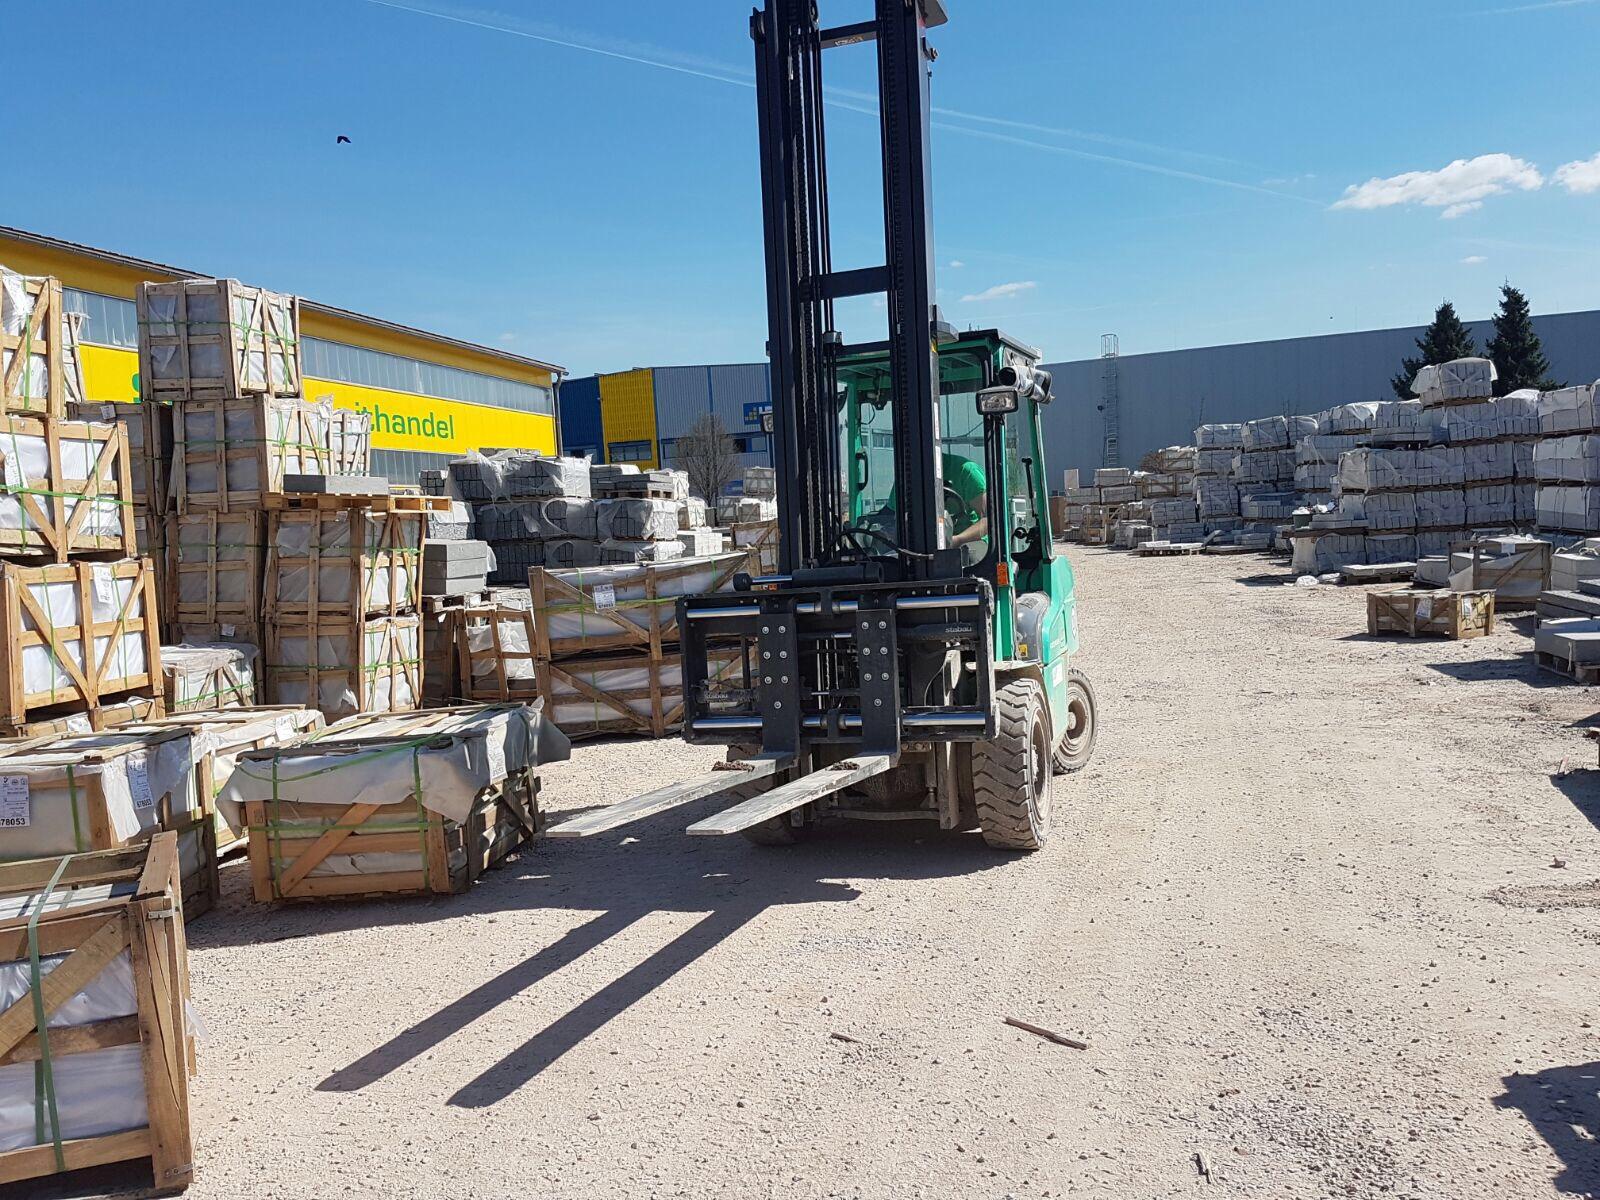 Gabelstapler - Stolz GmbH Bauunternehmung - Mietservice